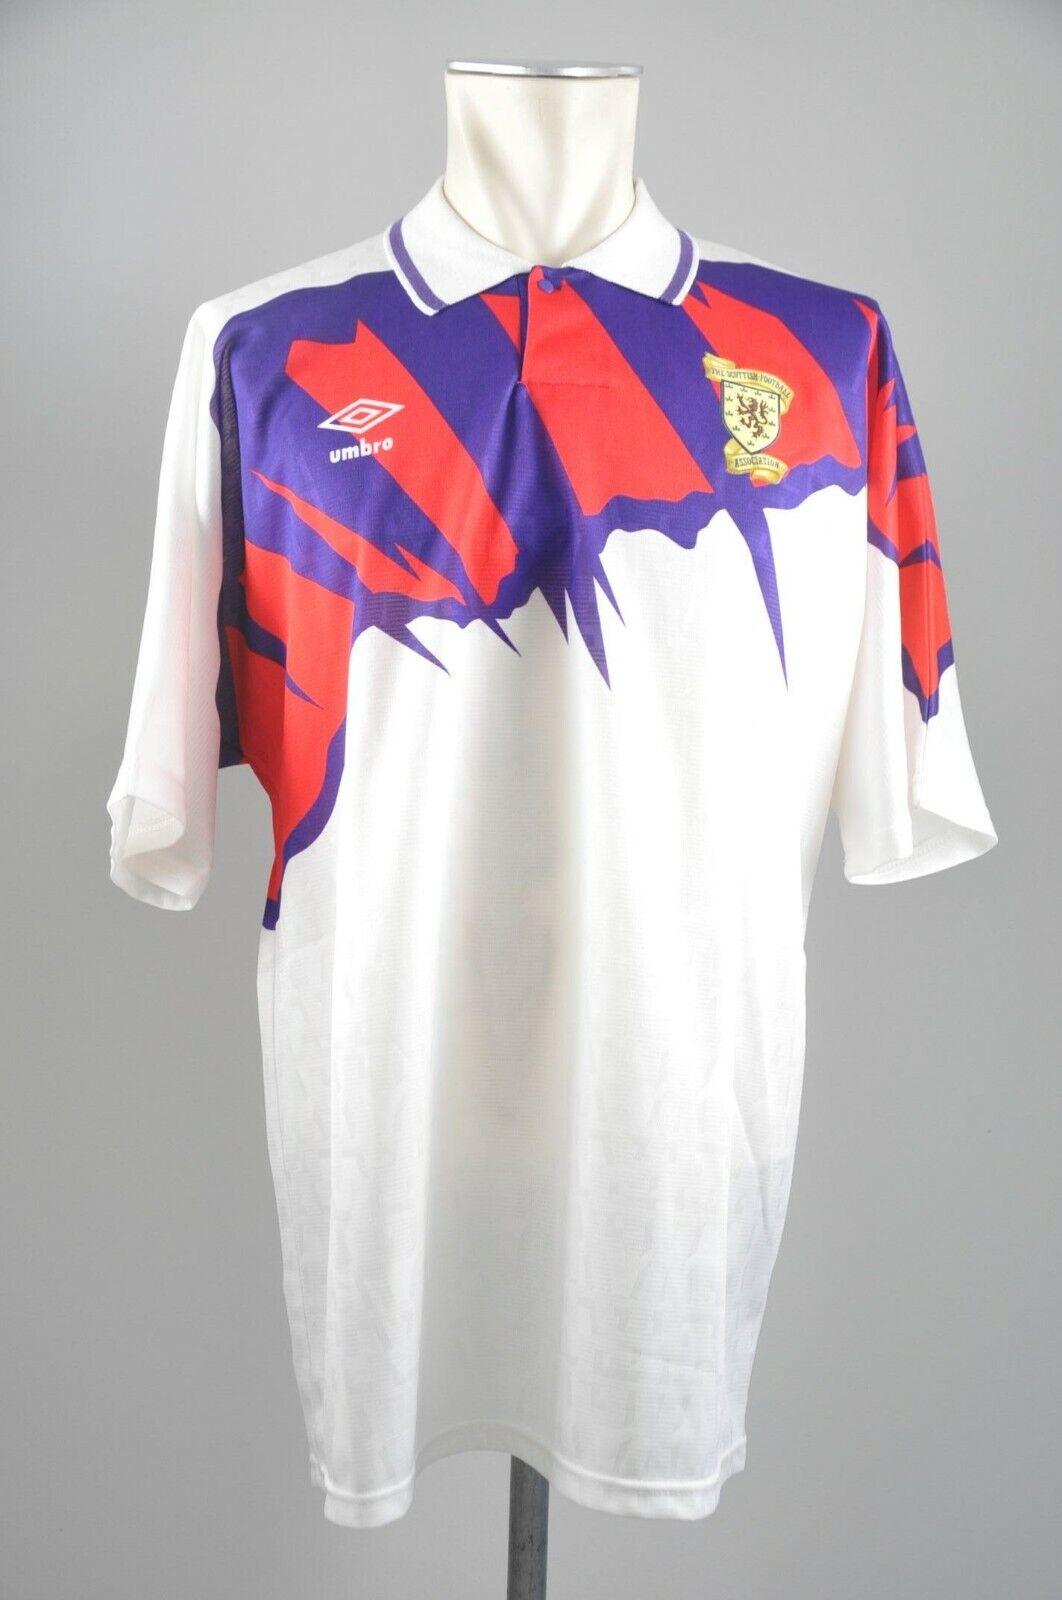 Schottland Trikot 1992 1992 1992 Gr. XL Umbro Jersey Away Scotland Shirt EM 1991 vintage 26a80c